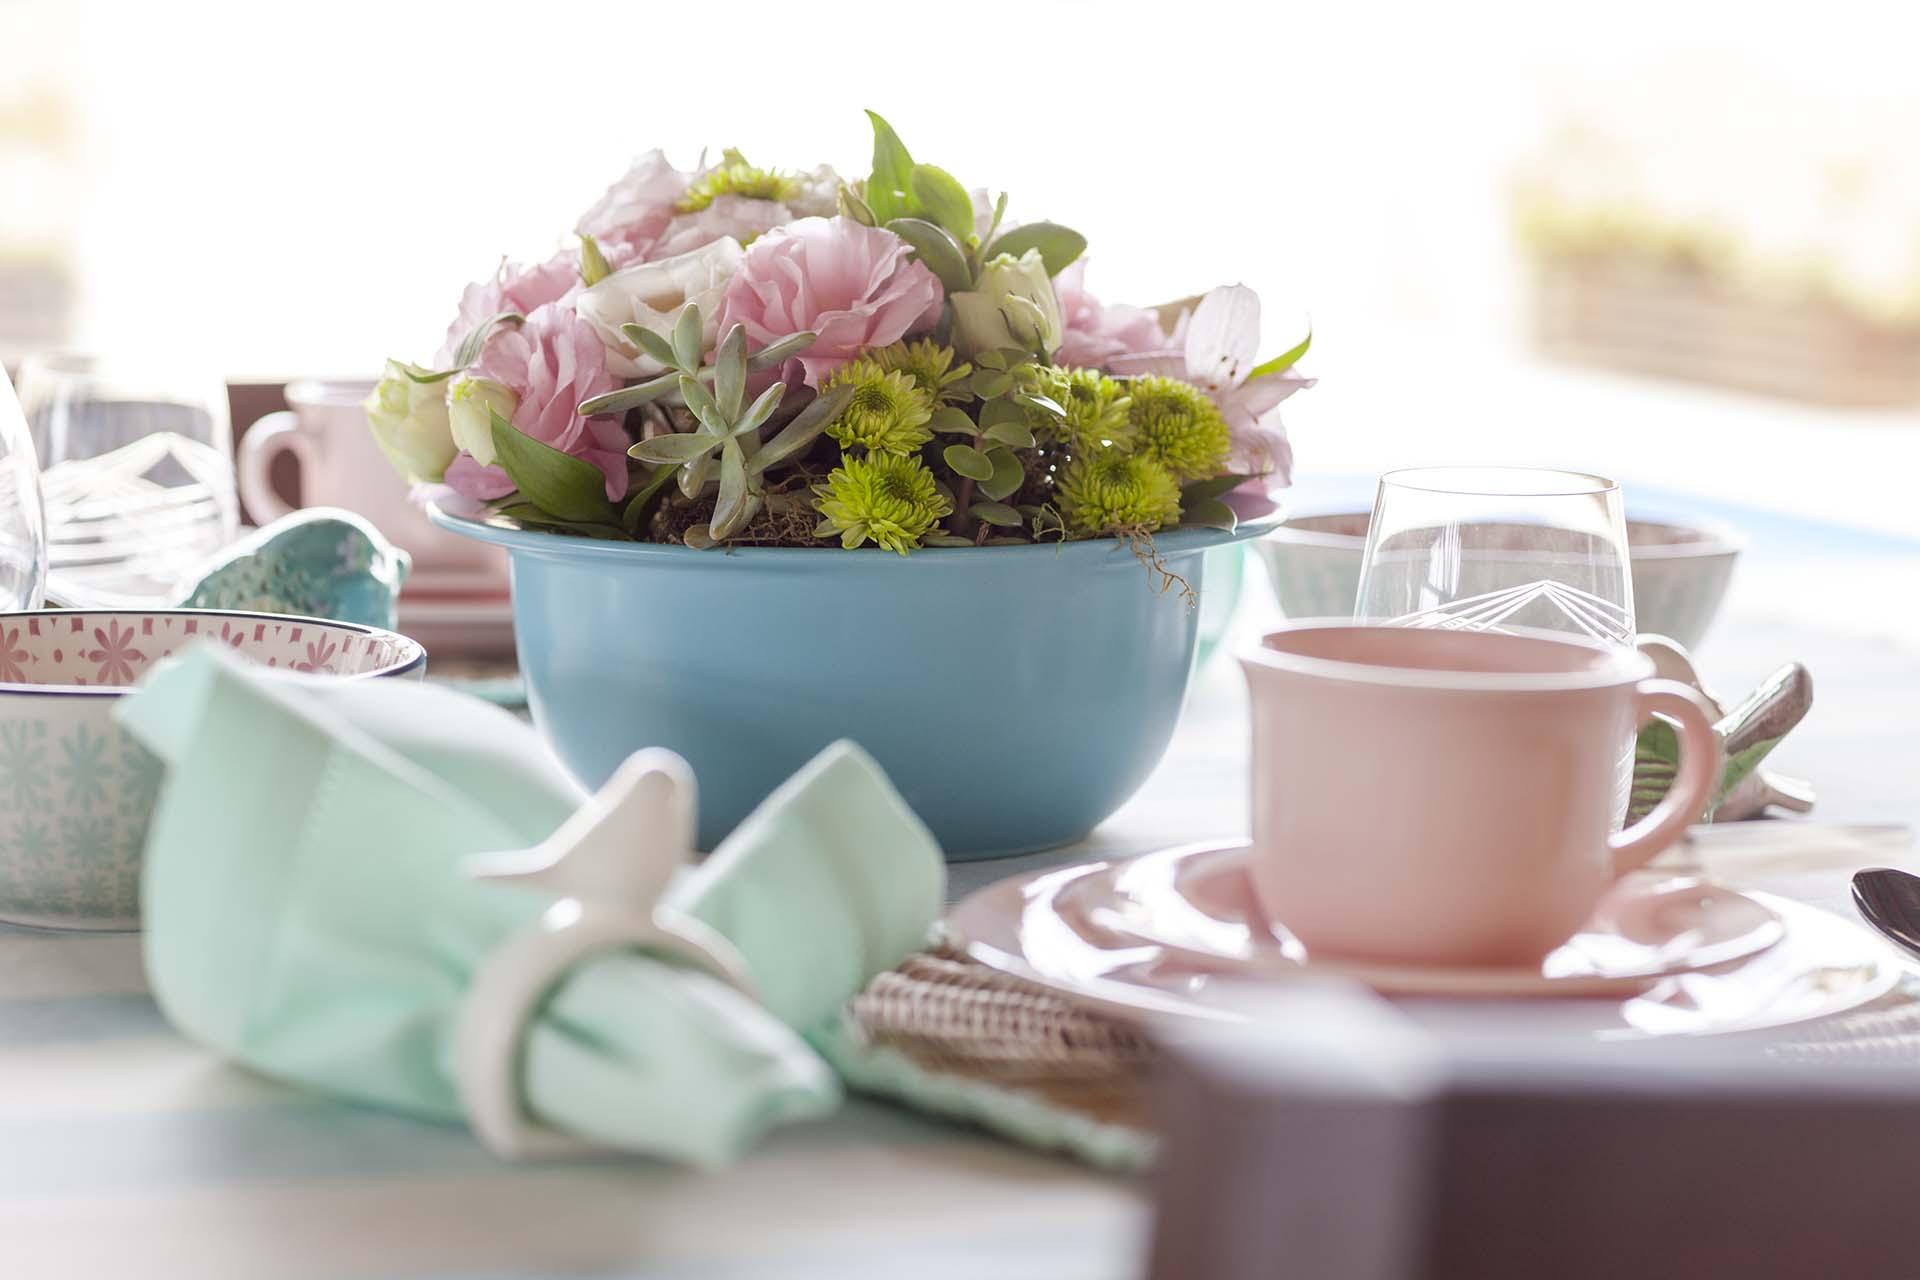 """Imagem: Dentro da panela de cerâmica <a href=""""https://www.oxfordporcelanas.com.br/cozinha/panelas"""">Oxford Cookware</a>, o arranjo floral fica super charmoso. Para deixar tudo mais romântico, escolha uma cartela de cores pastel. Foto: Raphael Günther/Bespoke Content"""